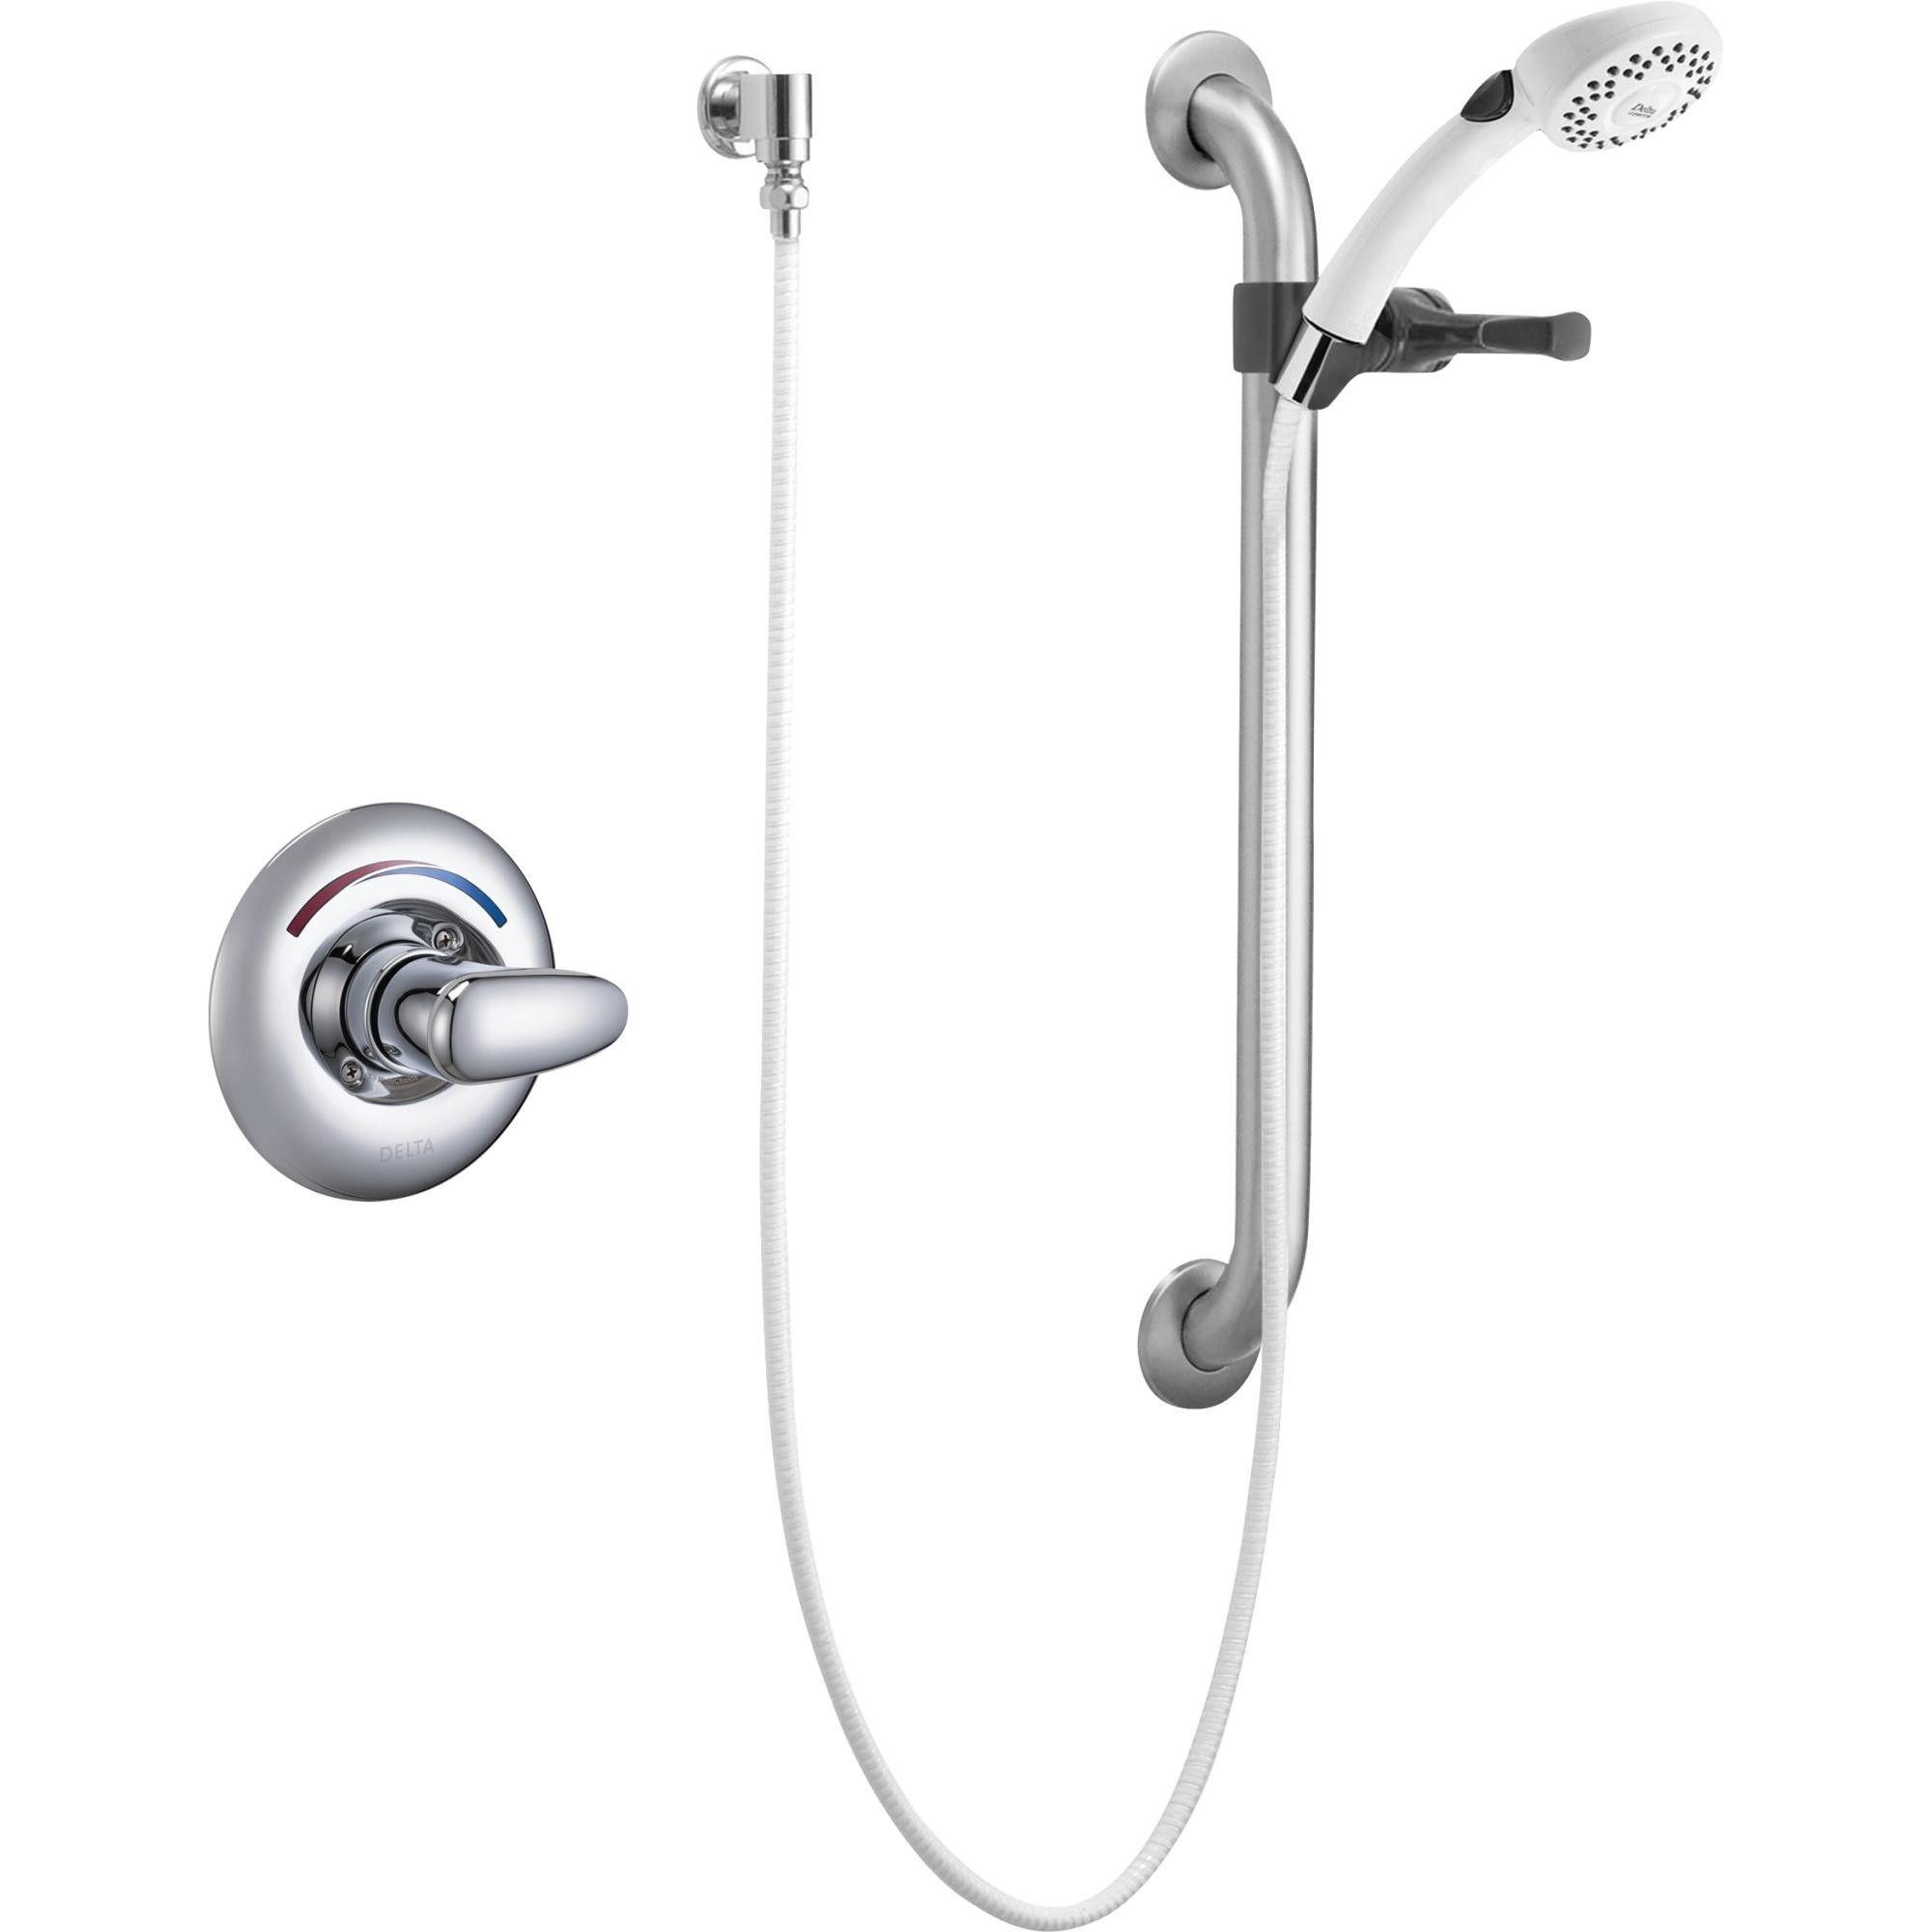 Delta Faucet T13h152 Single Handle Shower Valve Trim Less Shower